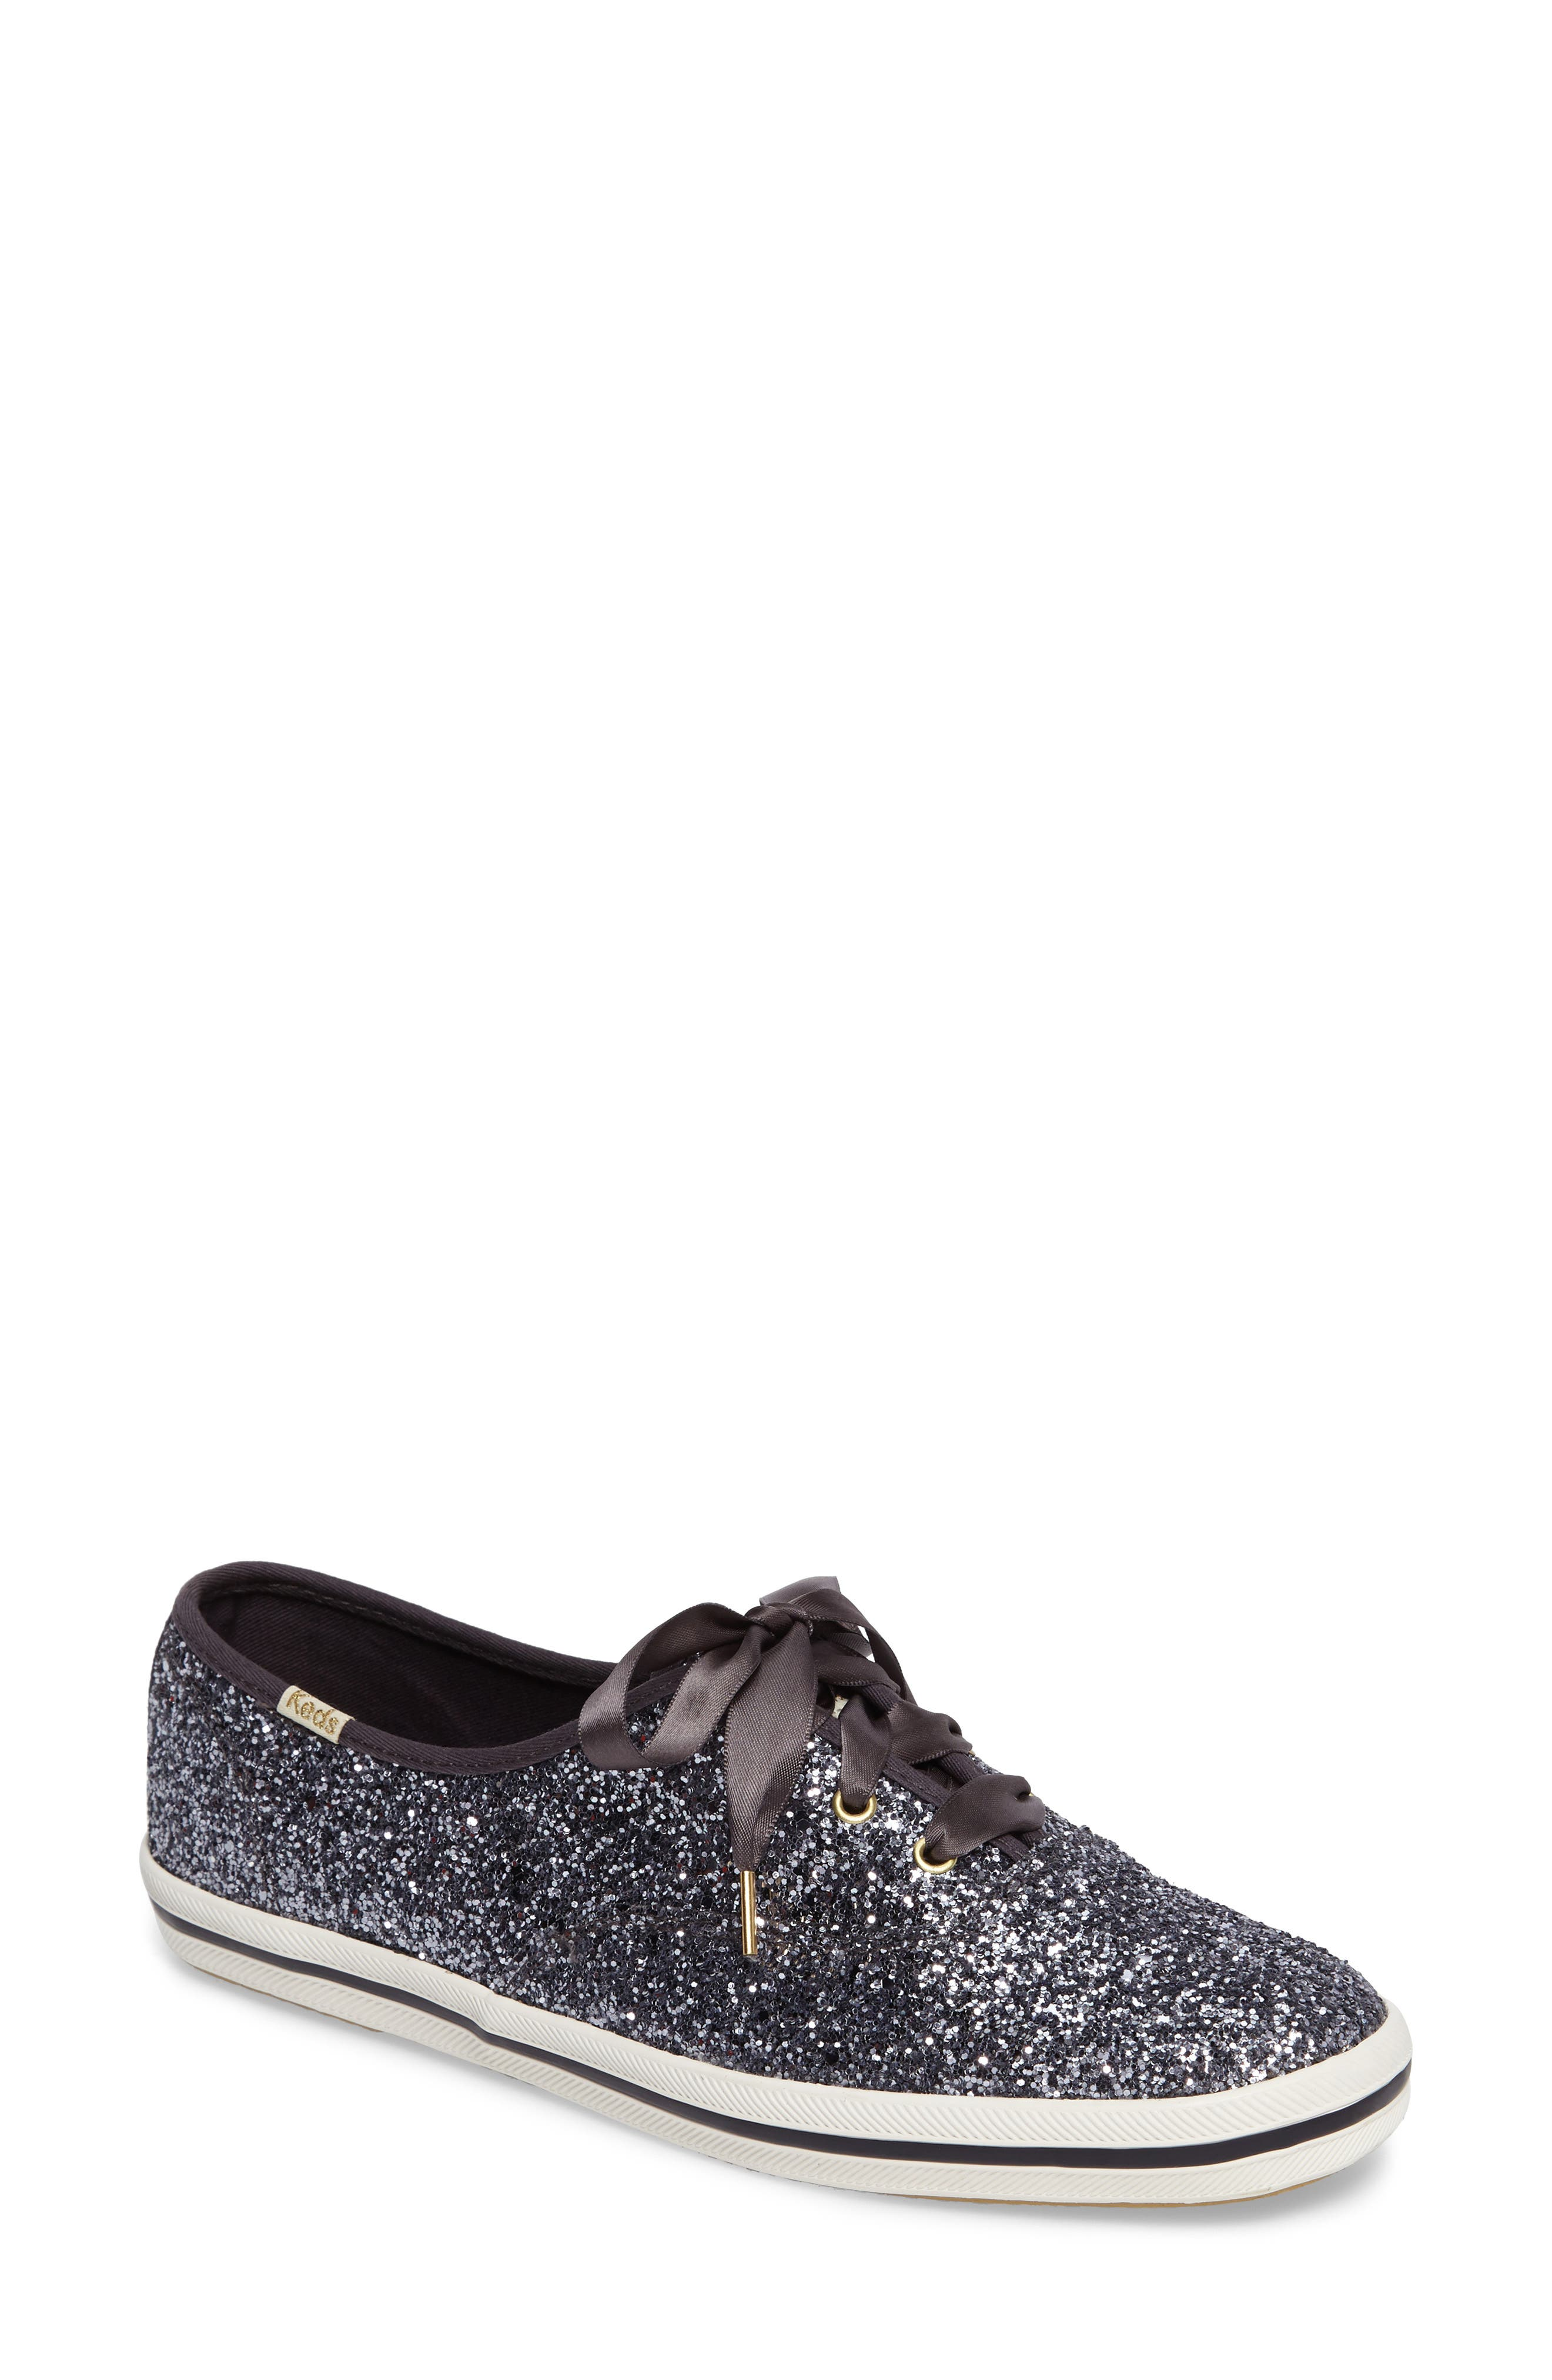 4e11e91211a5 Women s Metallic Sneakers   Running Shoes